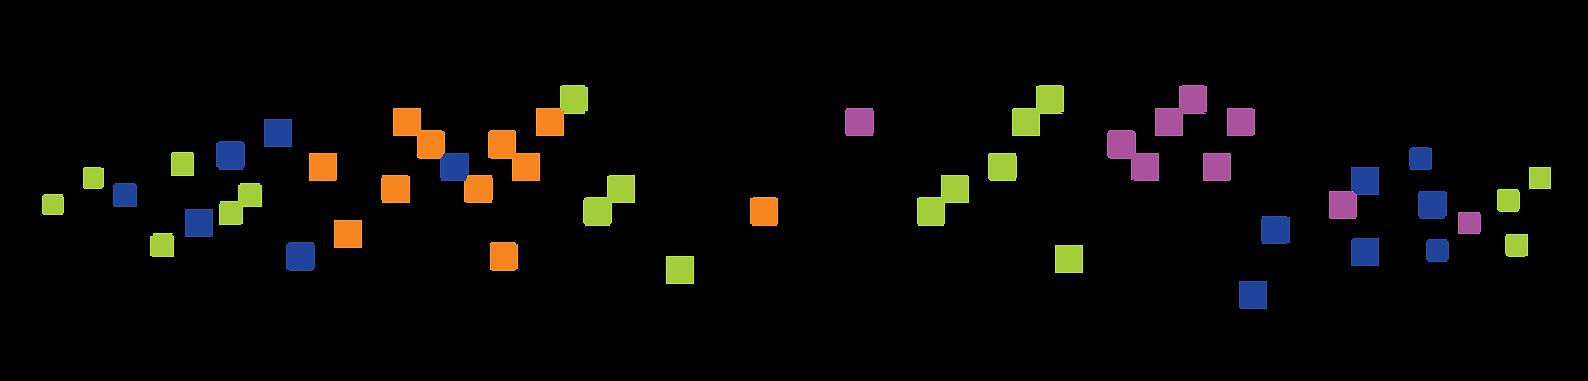 KA Dynamiccolor